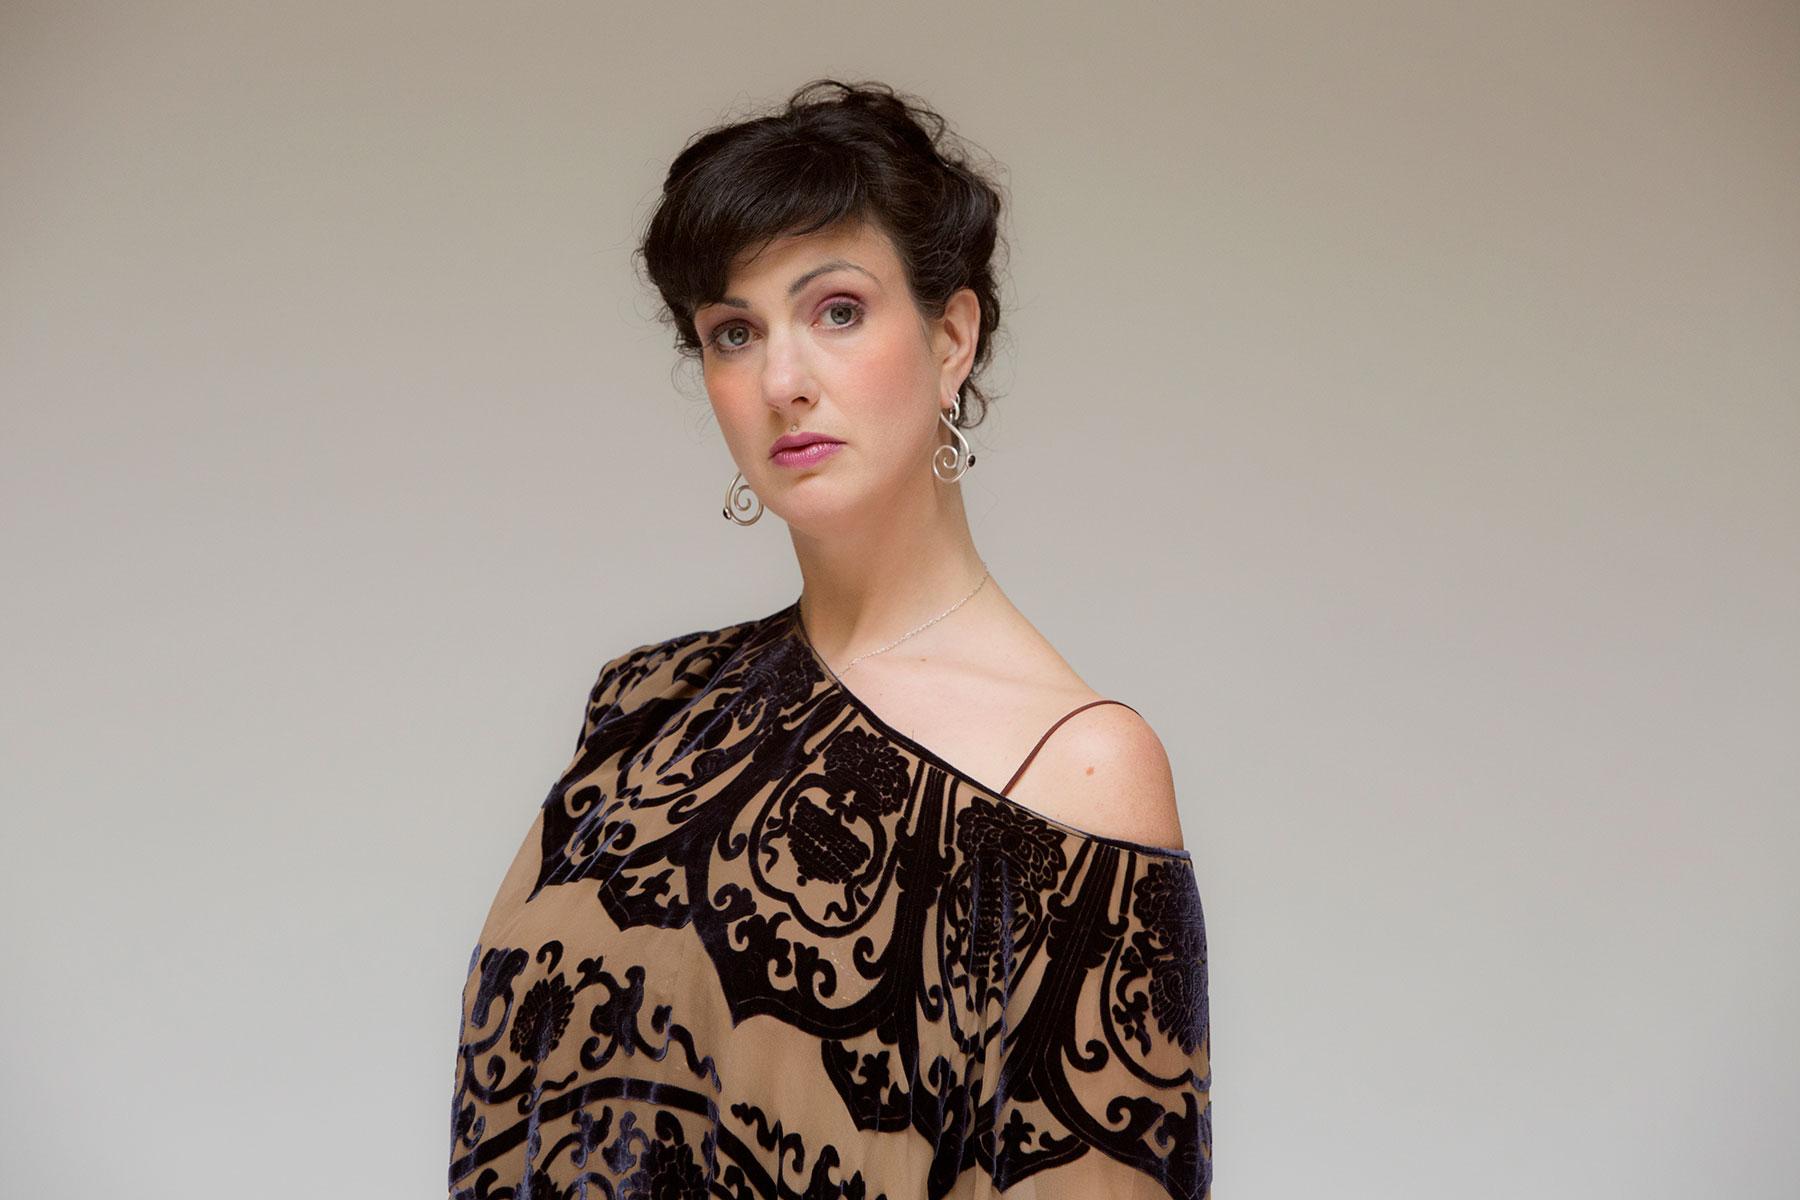 Sadie Lune | Meghan | Marriage 2.0 Movie